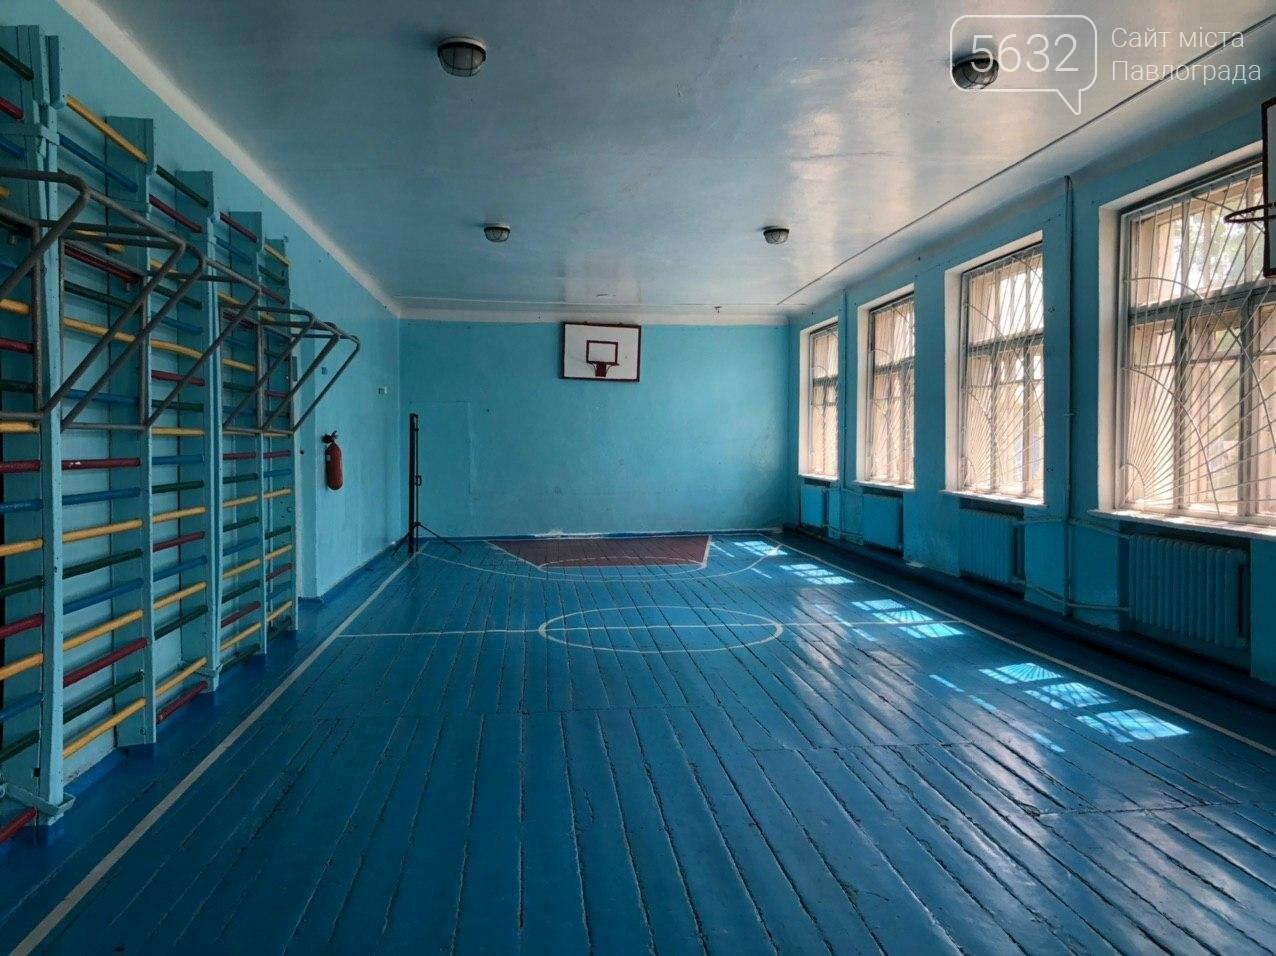 Санитайзеры и медицинские маски: как школы Павлограда готовятся к новому учебному году (ФОТО), фото-22